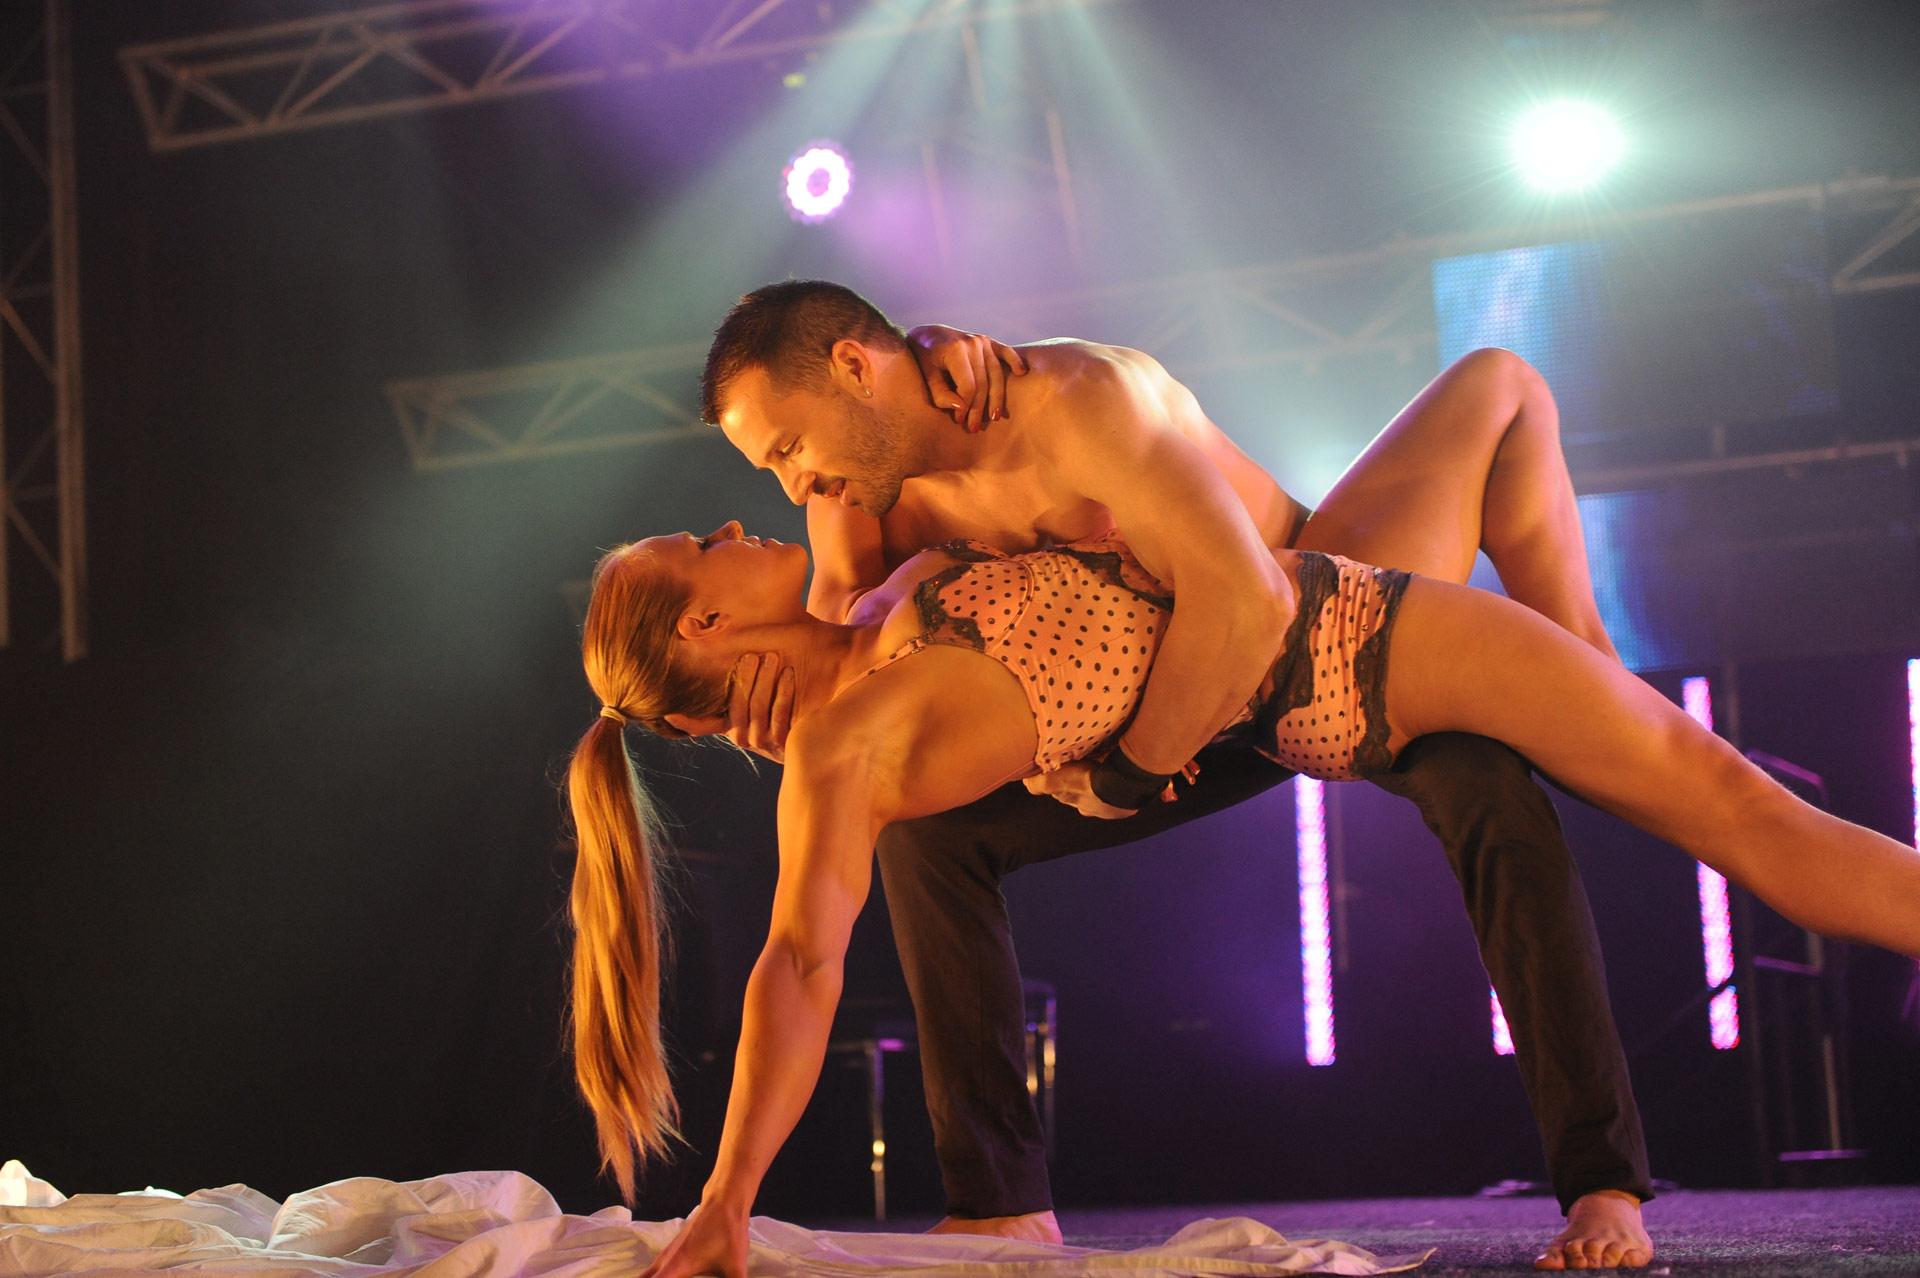 2012澳大利亚墨尔本成人展精彩表演性感火辣图片1